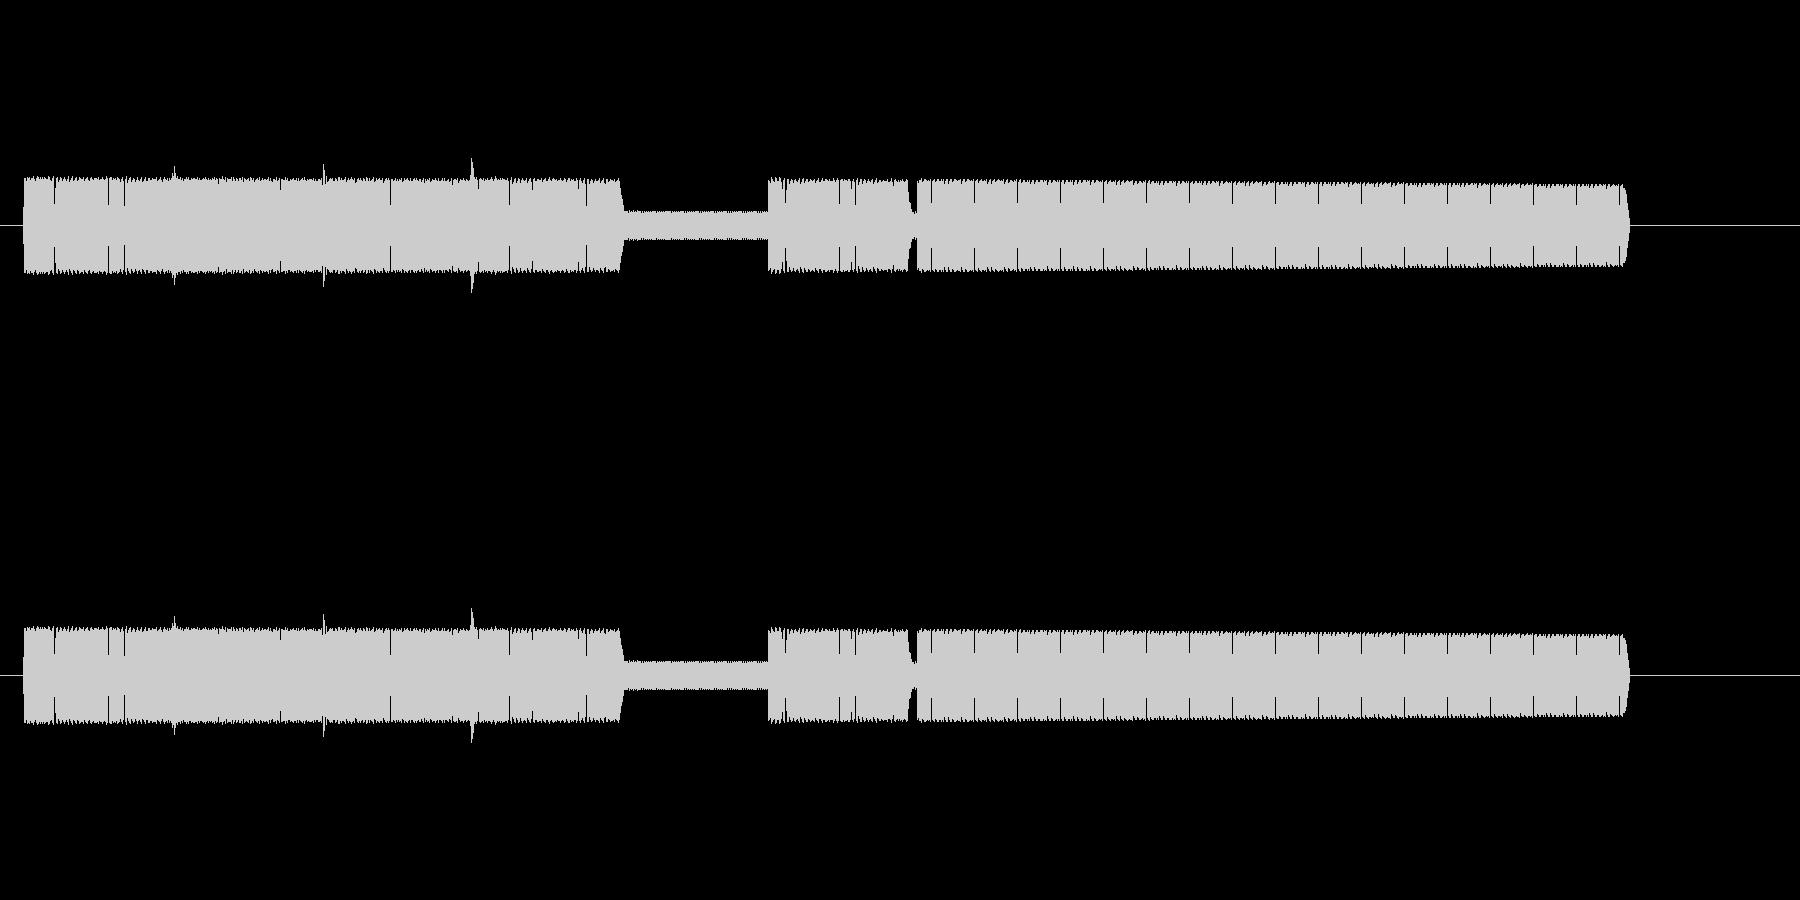 【効果音】8ビットファンファーレ風4の未再生の波形